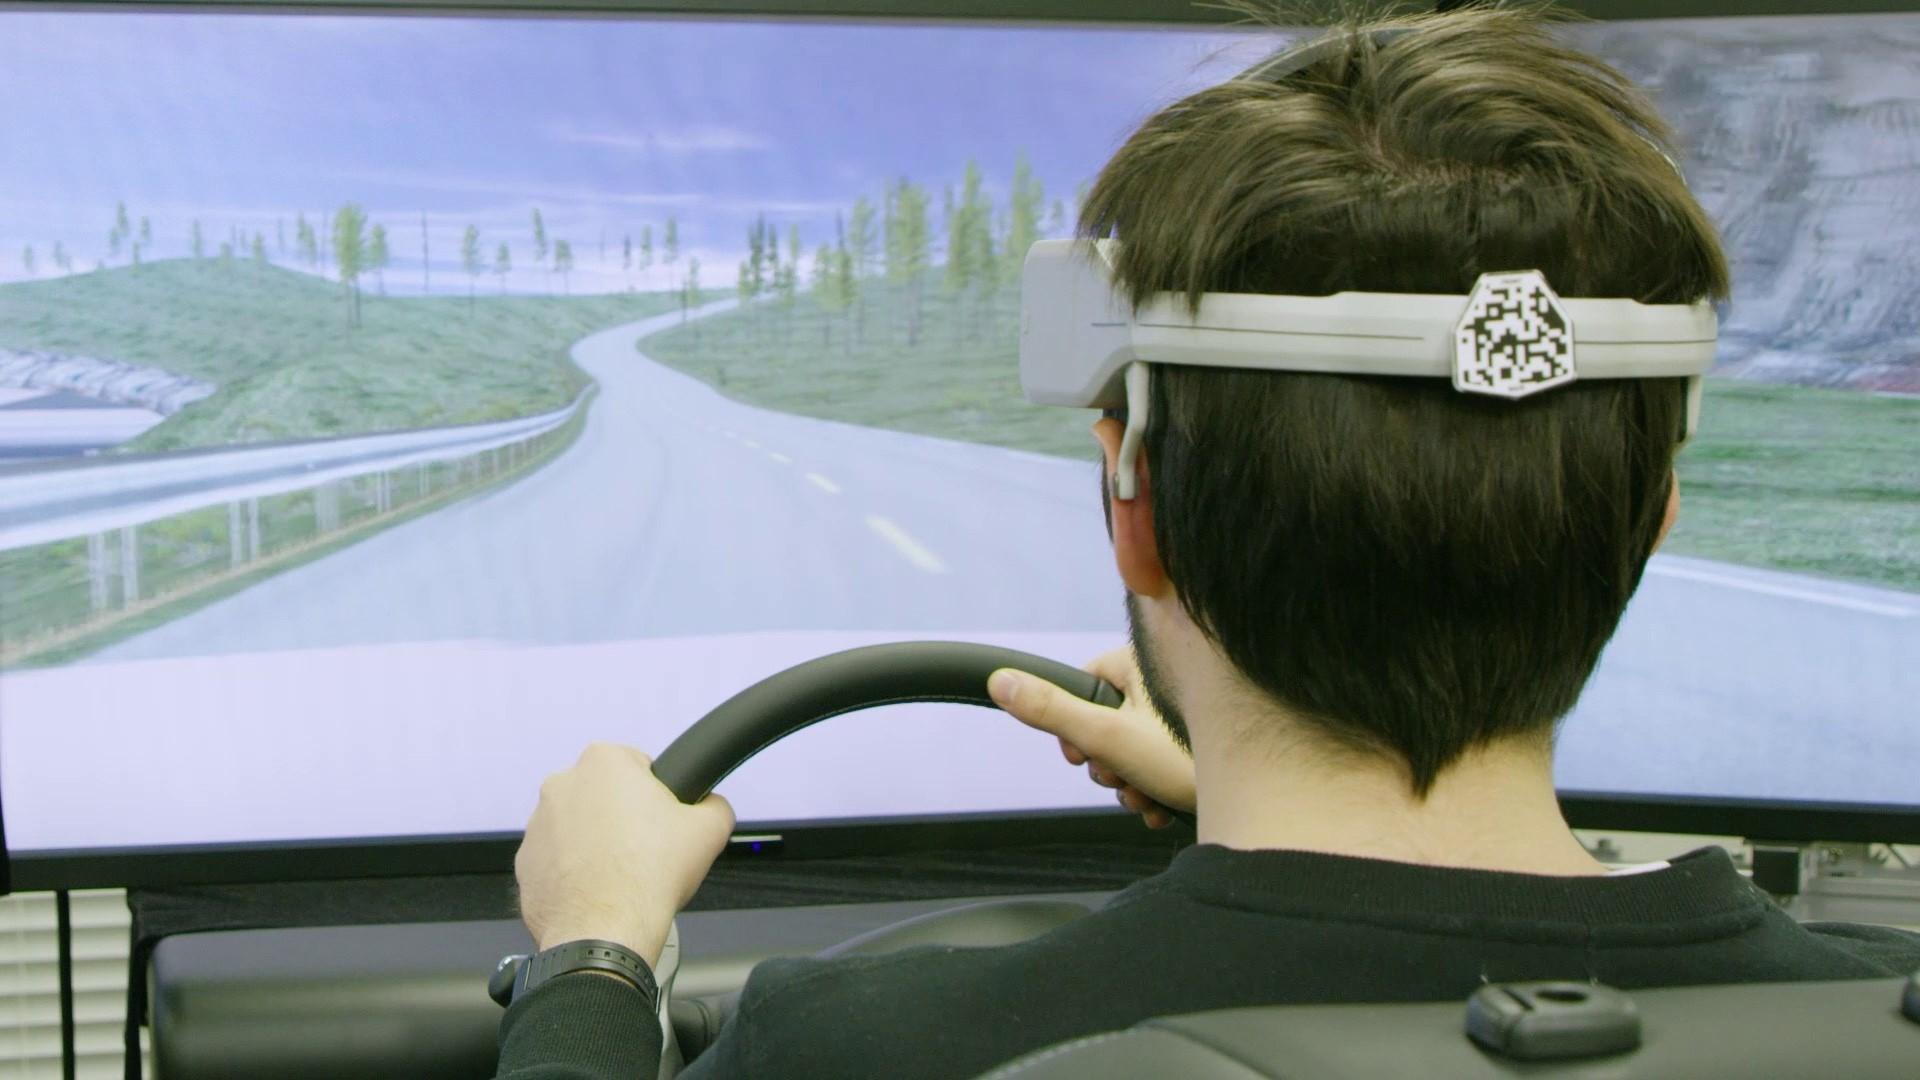 E se o seu cérebro estivesse ligado ao automóvel?